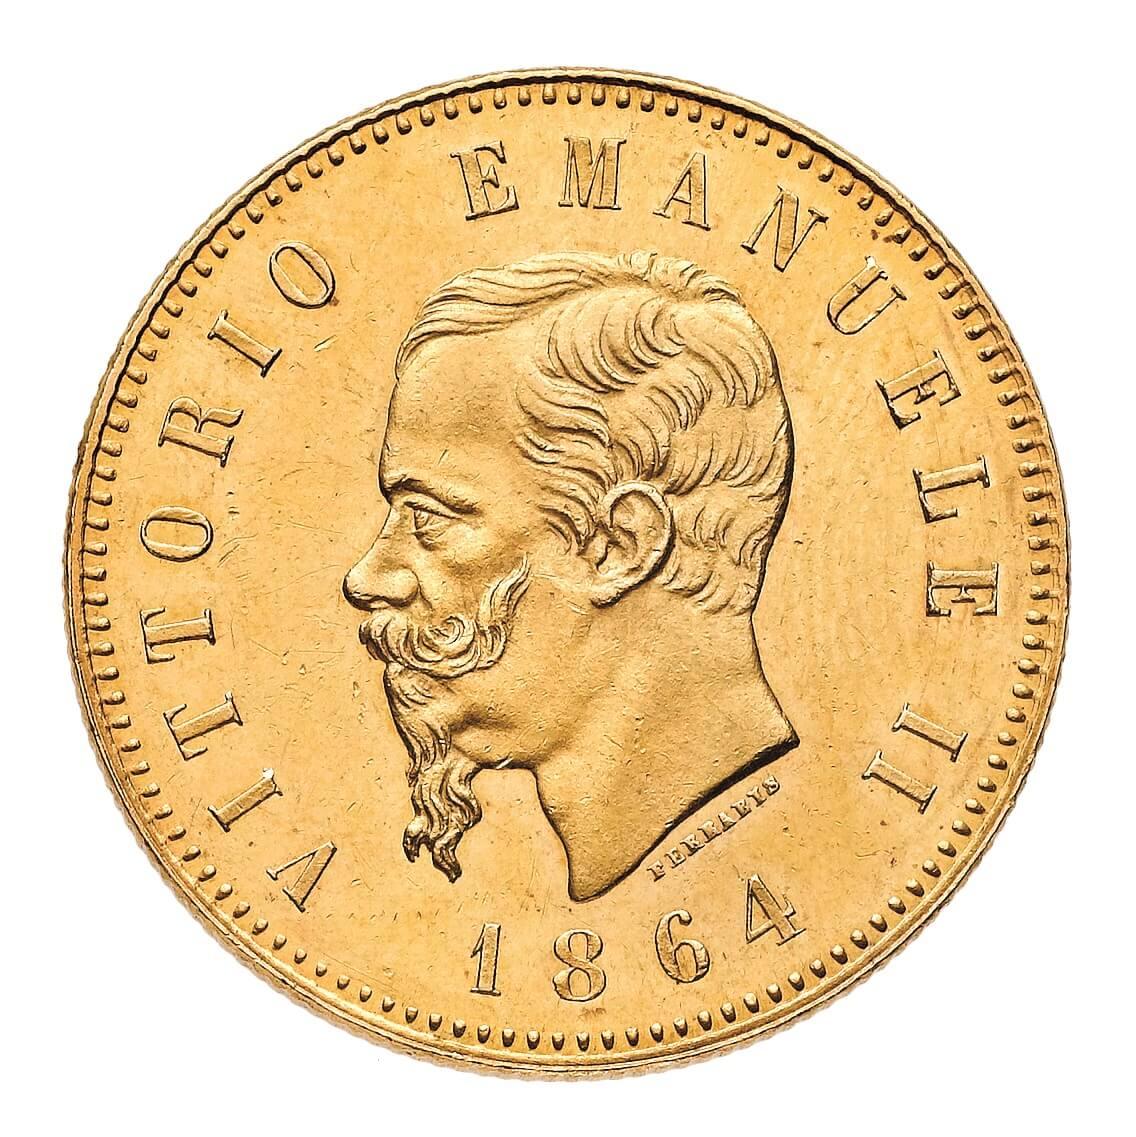 Le 50 lire oro del 1864: il sogno proibito di (quasi) ogni collezionista di monete decimali italiane